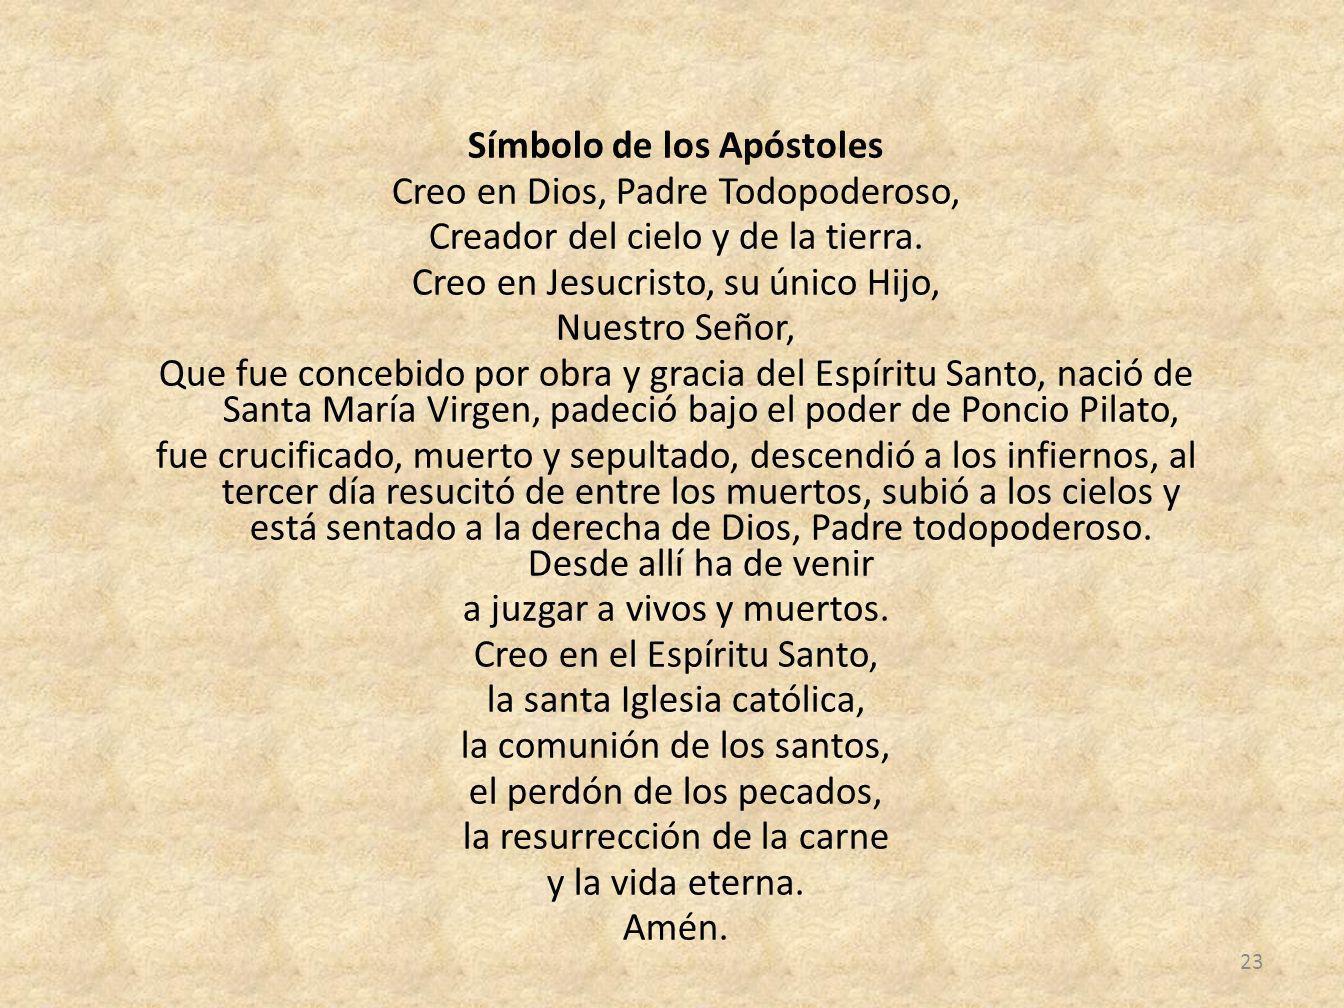 Símbolo de los Apóstoles Creo en Dios, Padre Todopoderoso, Creador del cielo y de la tierra.